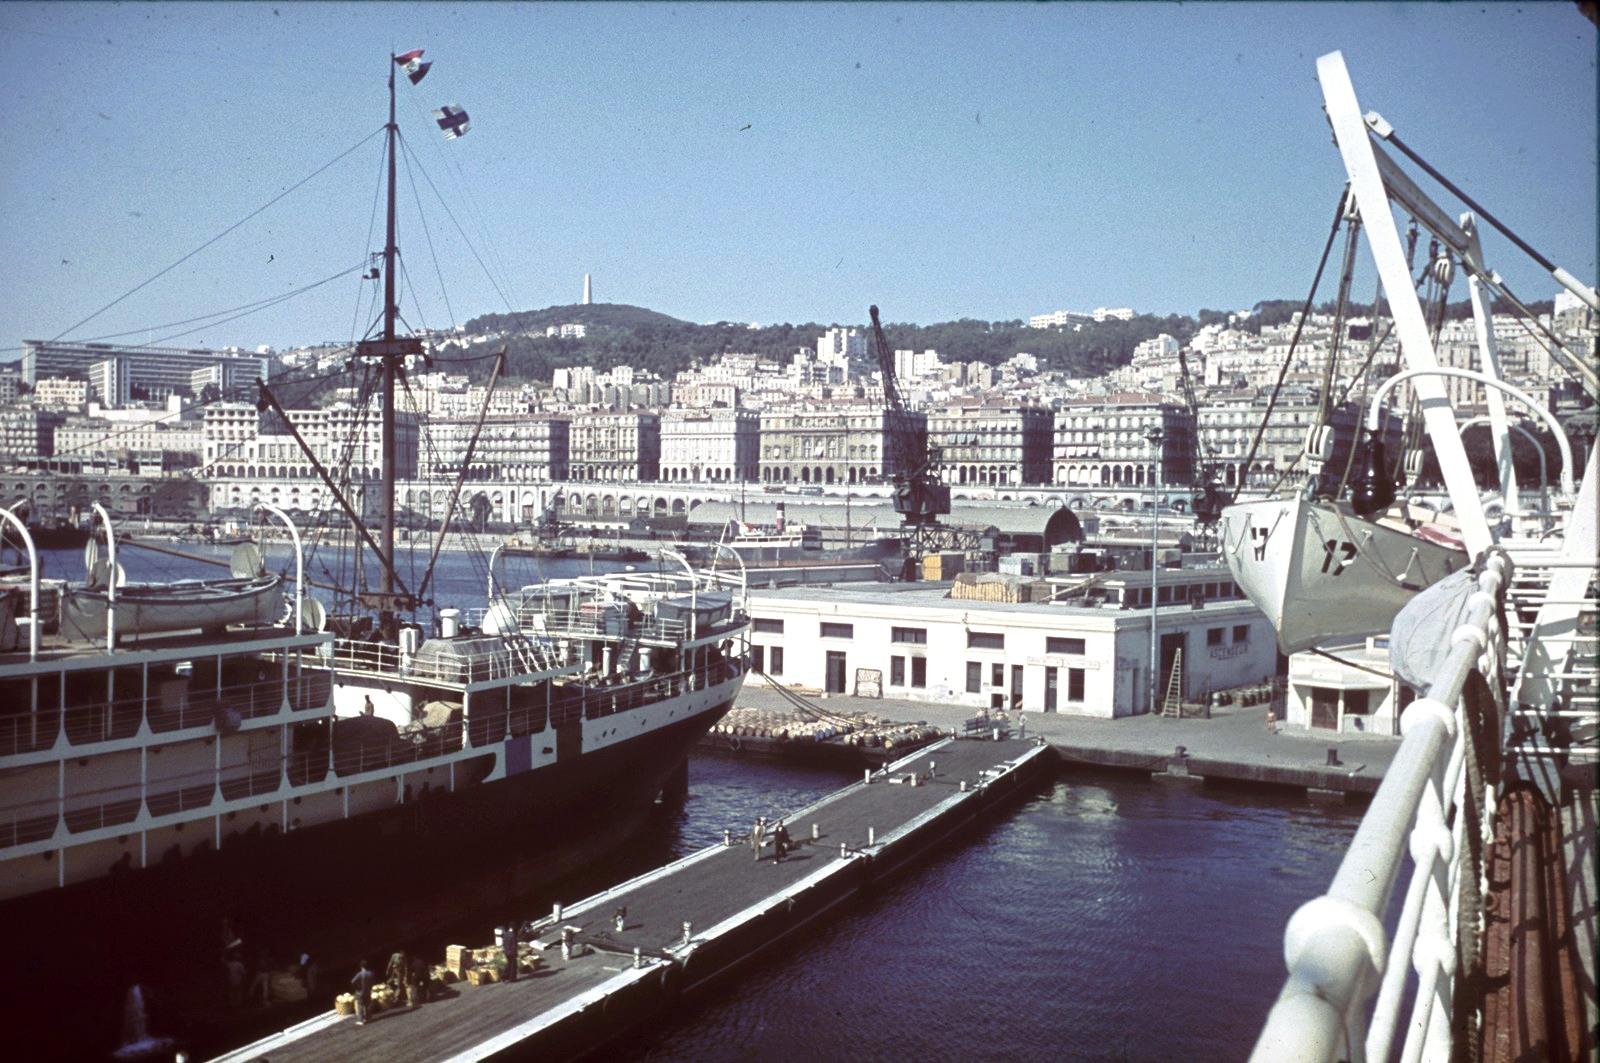 Гавань. Вид с пассажирского судна на отель и казино «Алетти» на бульваре Зирут Юсеф